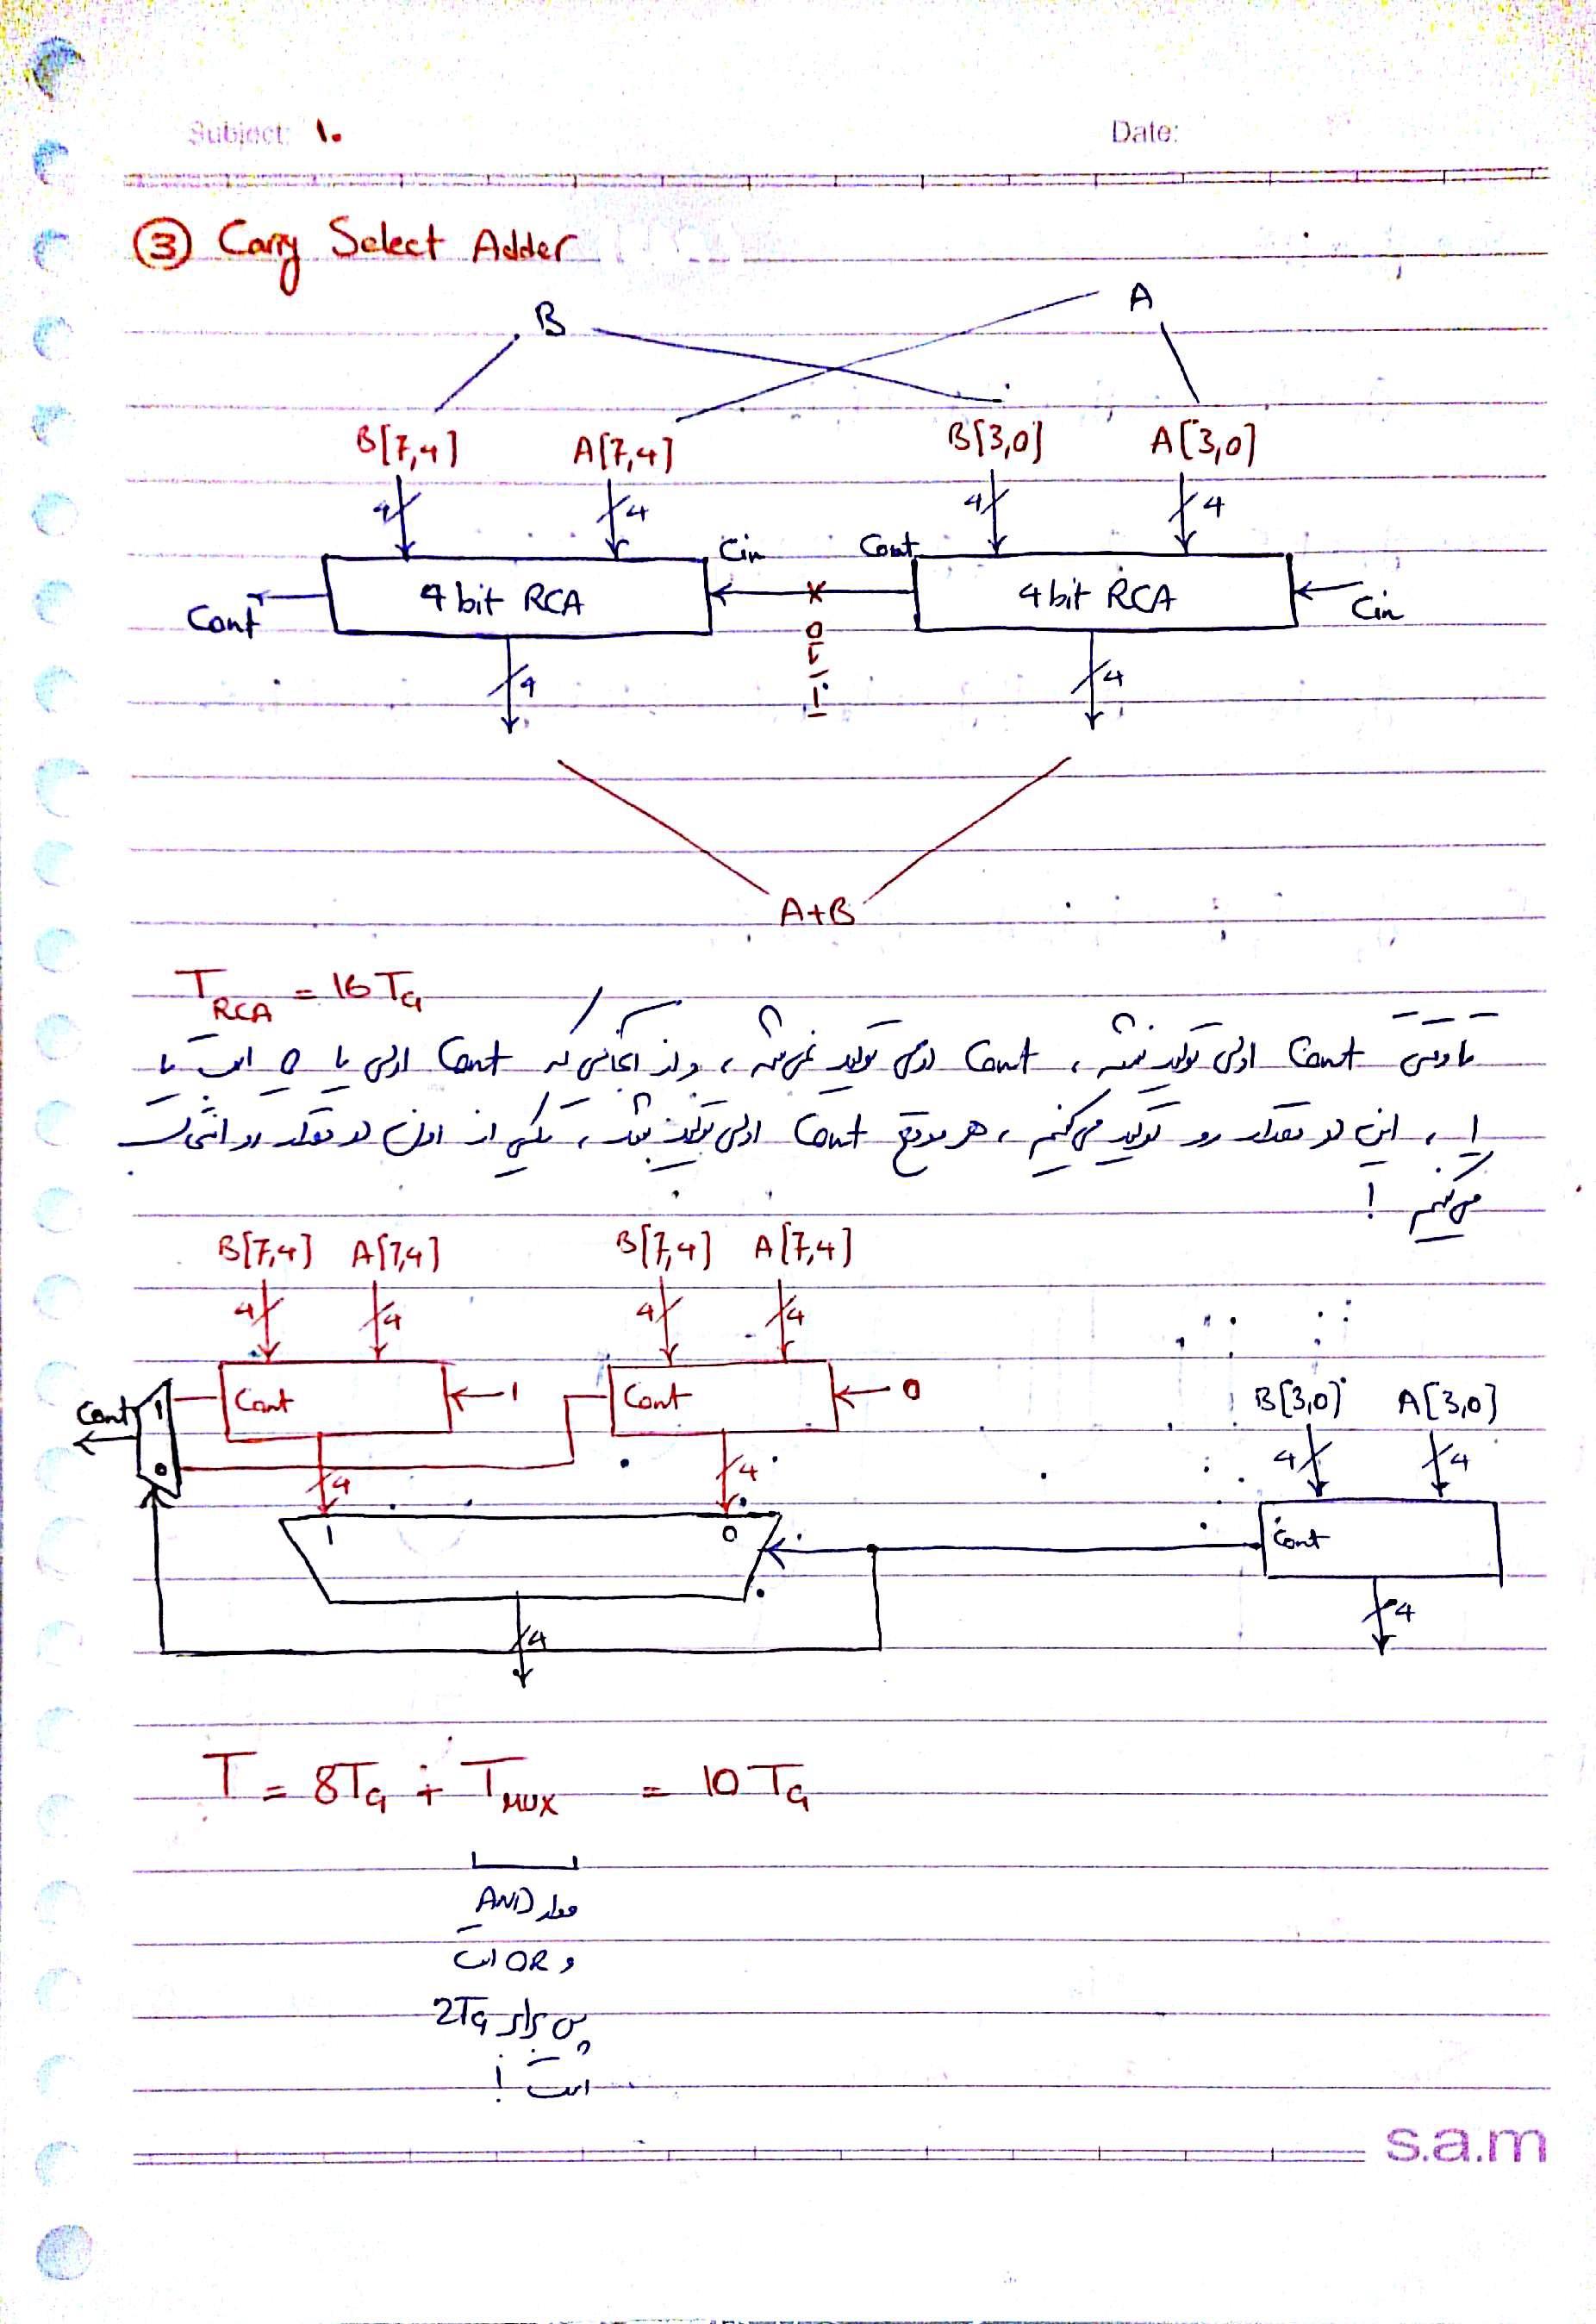 جزوه درس معماری کامپیوتر